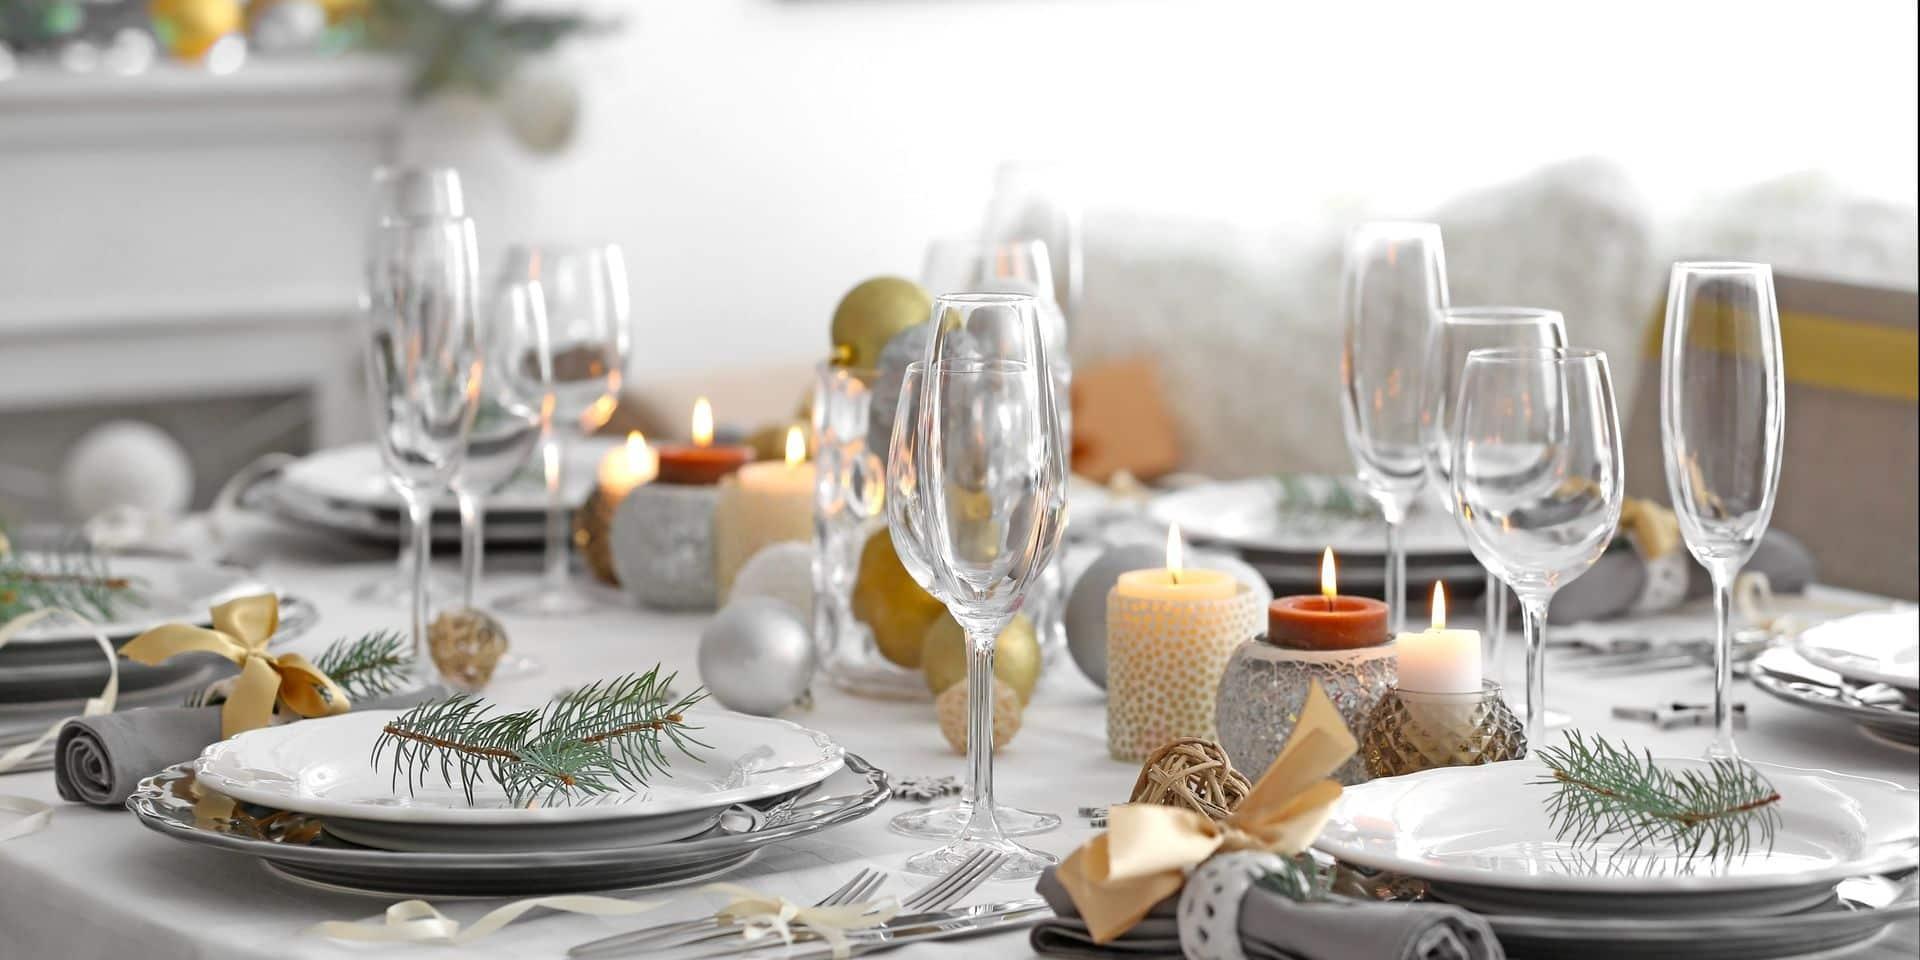 Que mettre sur la table de notre Noël restreint ? Raclettes et fondues gardent la pêche